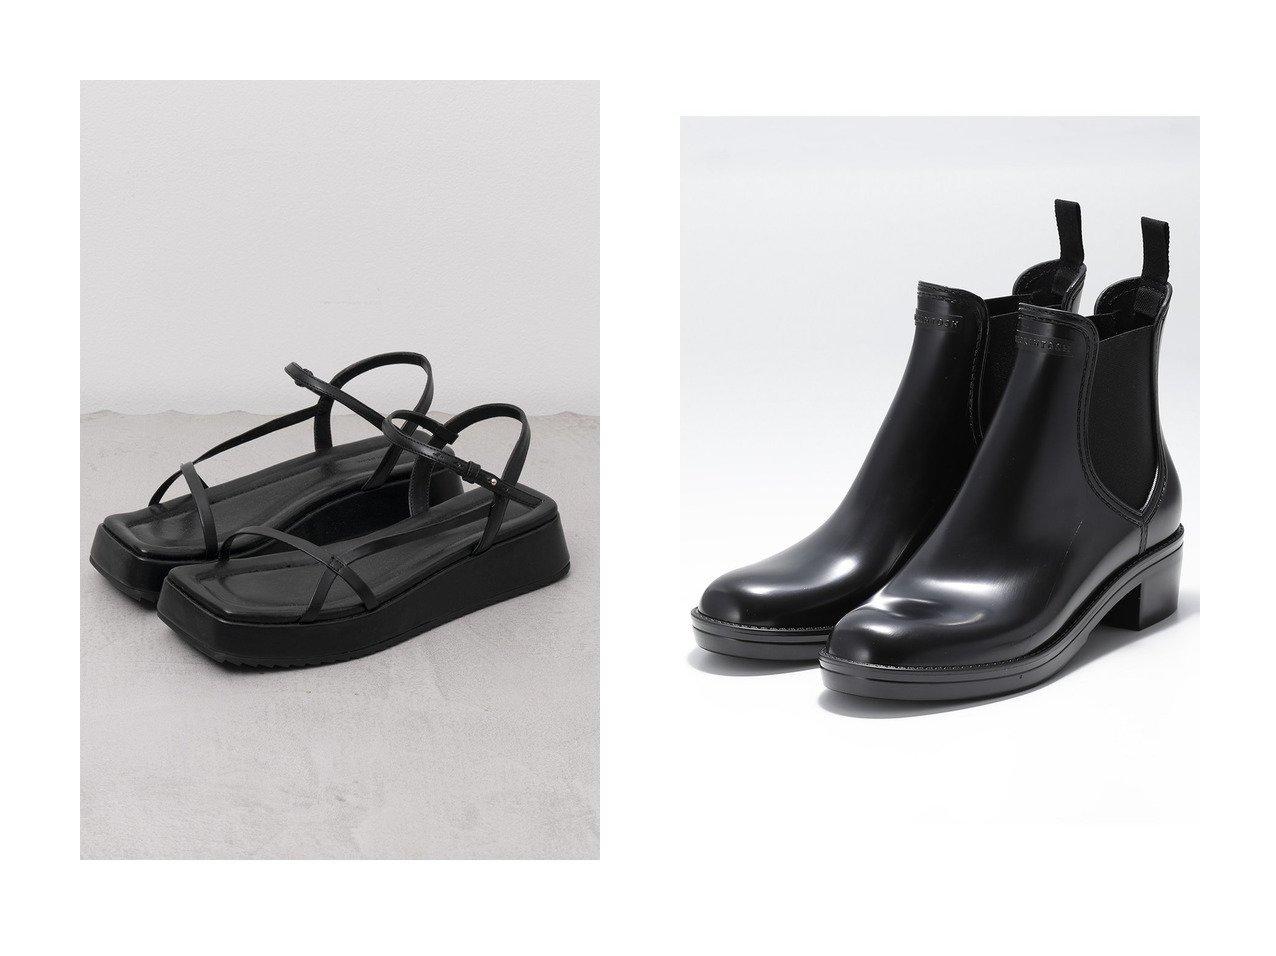 【MACKINTOSH/マッキントッシュ】のTRINITY サイドゴアレインブーツ&【MAISON SPECIAL/メゾンスペシャル】のヌーディスポーツサンダル 【シューズ・靴】おすすめ!人気、トレンド・レディースファッションの通販 おすすめで人気の流行・トレンド、ファッションの通販商品 メンズファッション・キッズファッション・インテリア・家具・レディースファッション・服の通販 founy(ファニー) https://founy.com/ ファッション Fashion レディースファッション WOMEN スポーツウェア Sportswear サンダル / ミュール Sandals クッション サマー サンダル ソックス ヌーディ バランス ラップ |ID:crp329100000031435